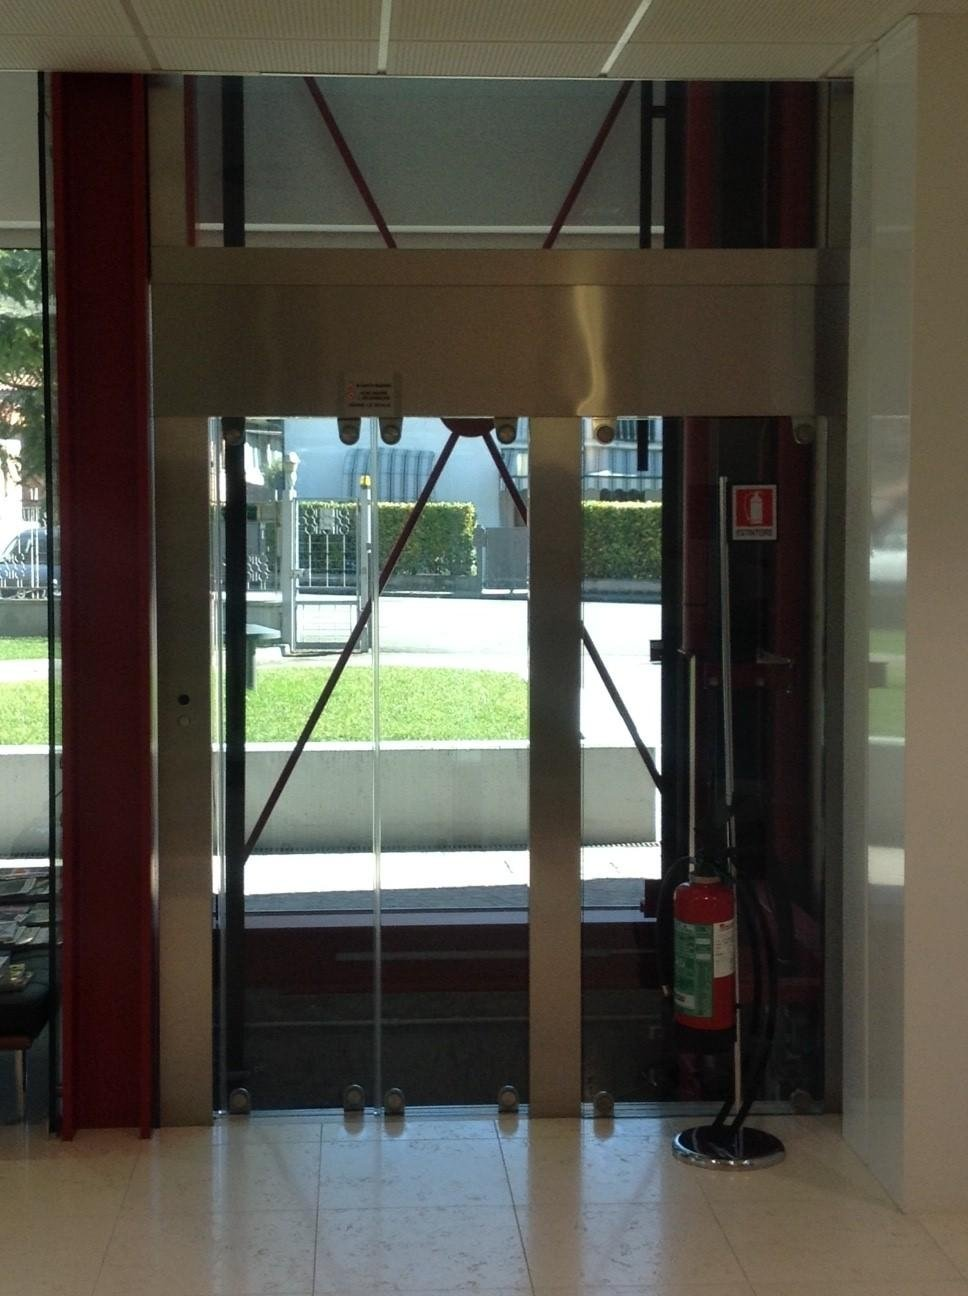 incastellatura in vetro di ascensore